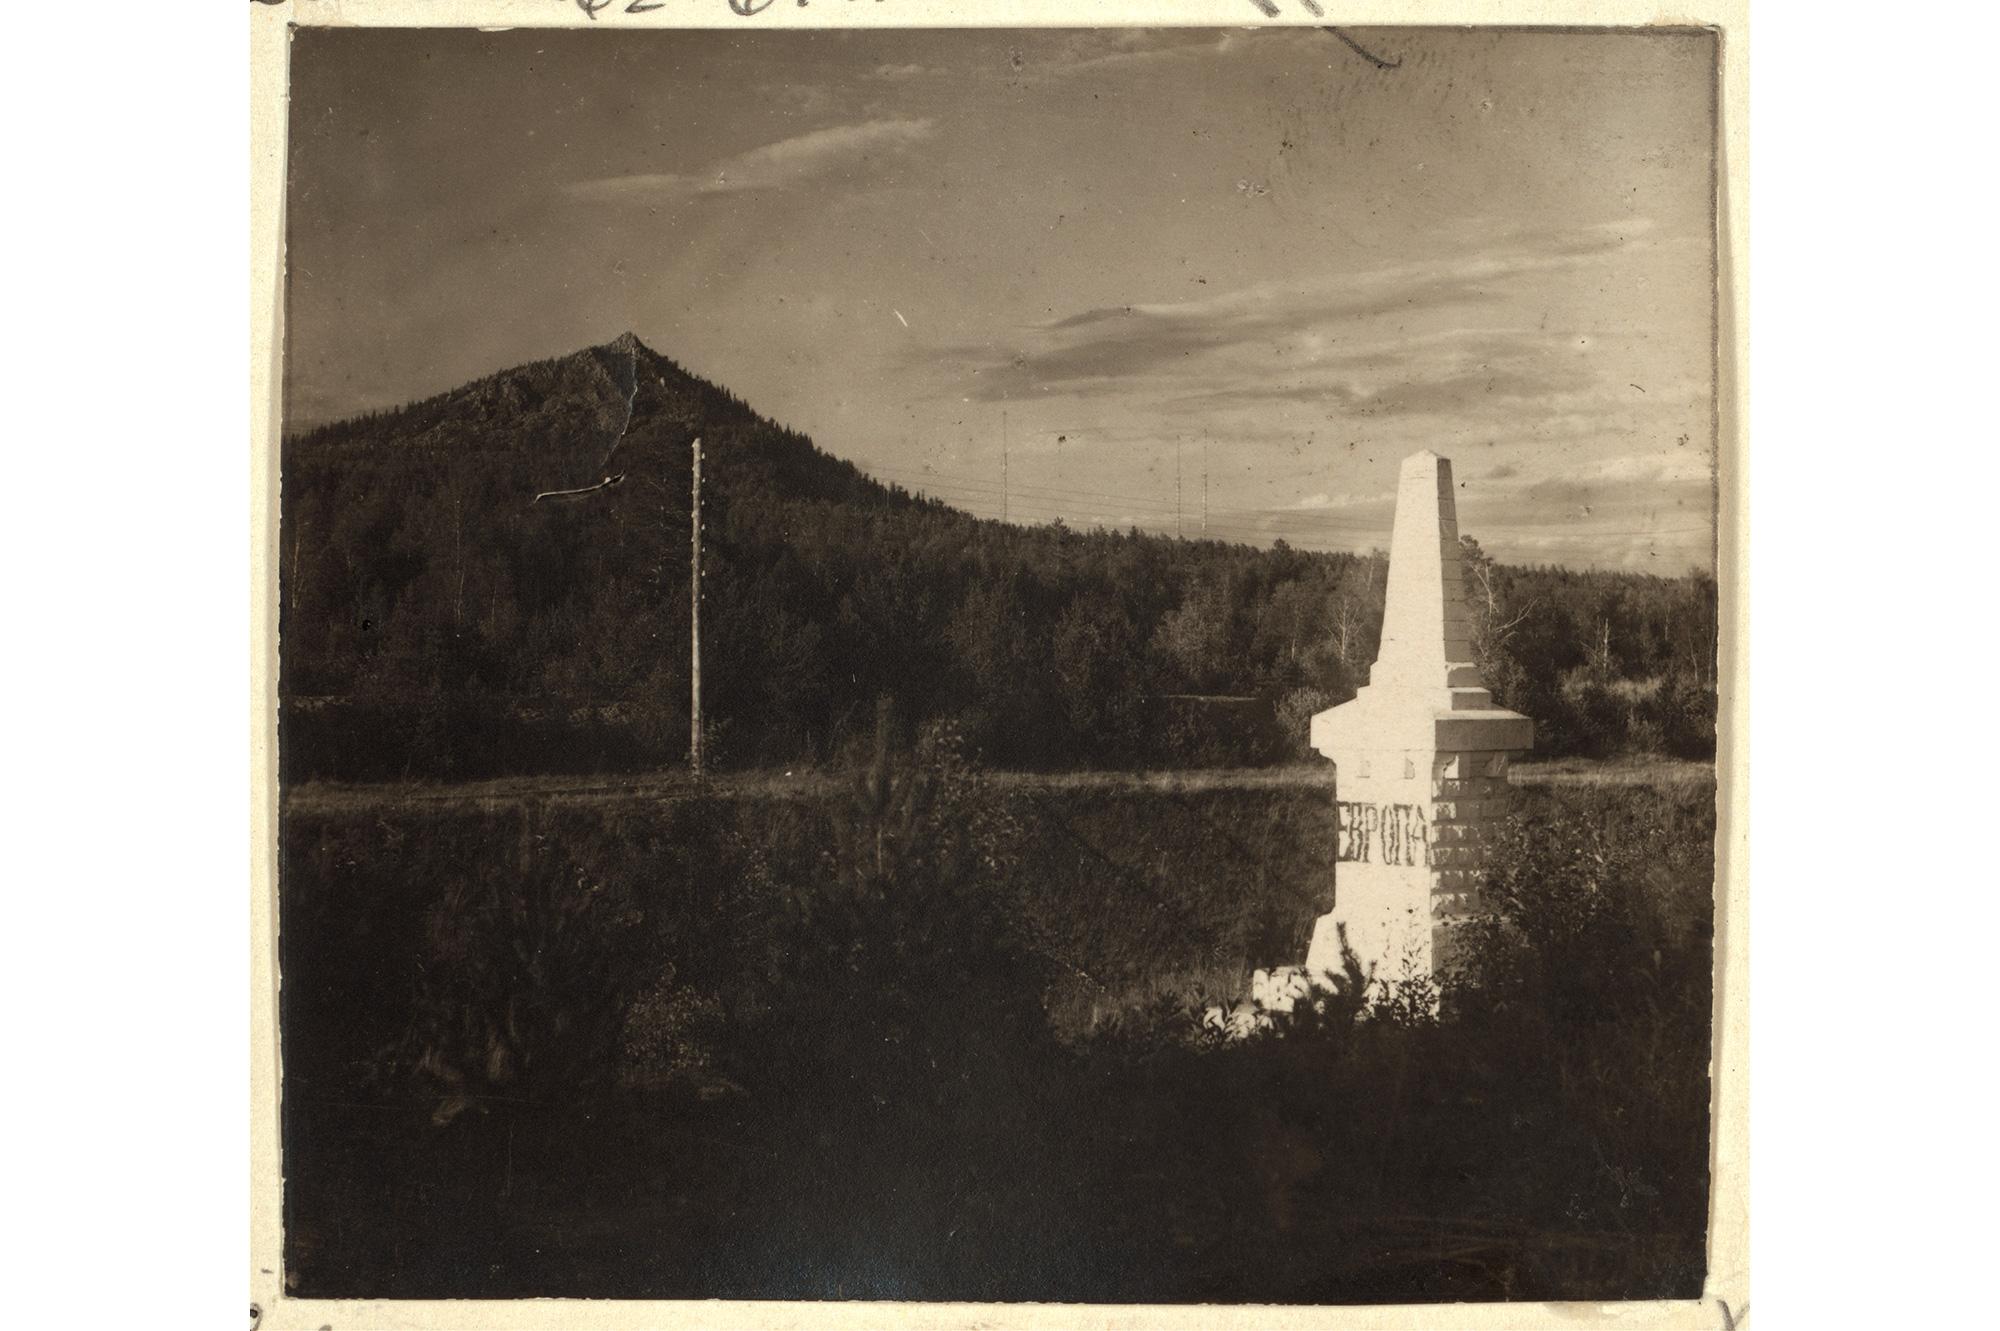 Grenze zwischen Europa und Asien bei der Bahnstation Urshumka. In der Nähe von Tscheljabinsk, 1910